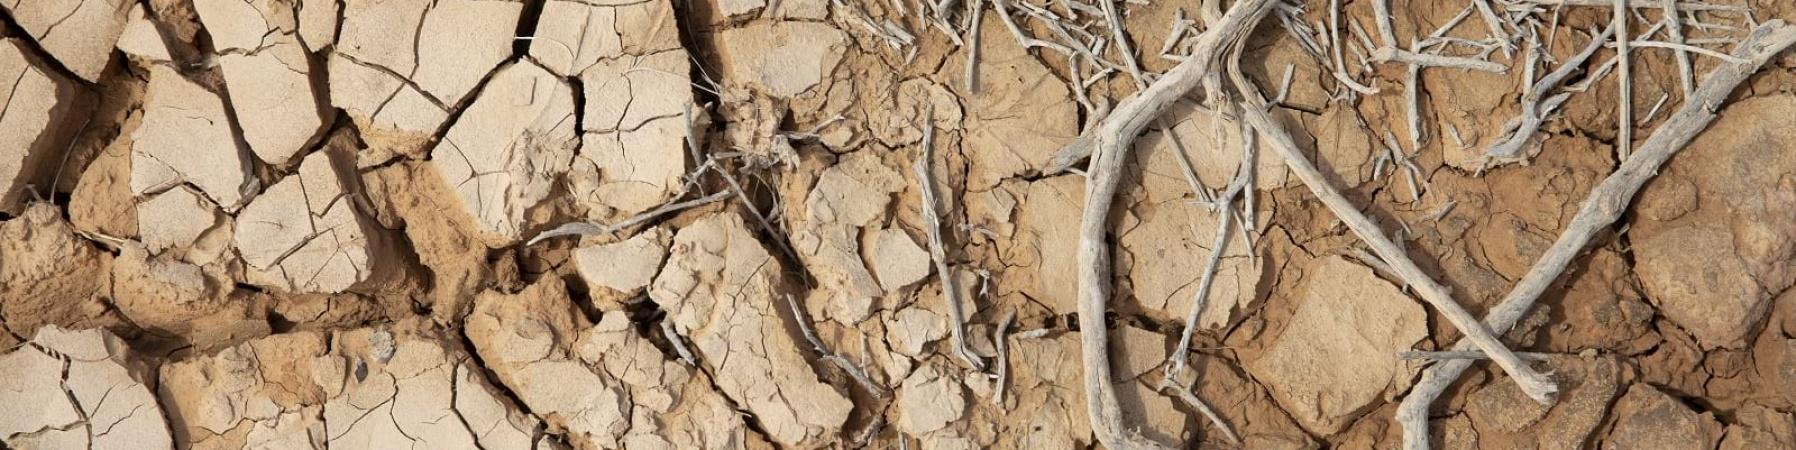 terra seccata dalla siccità